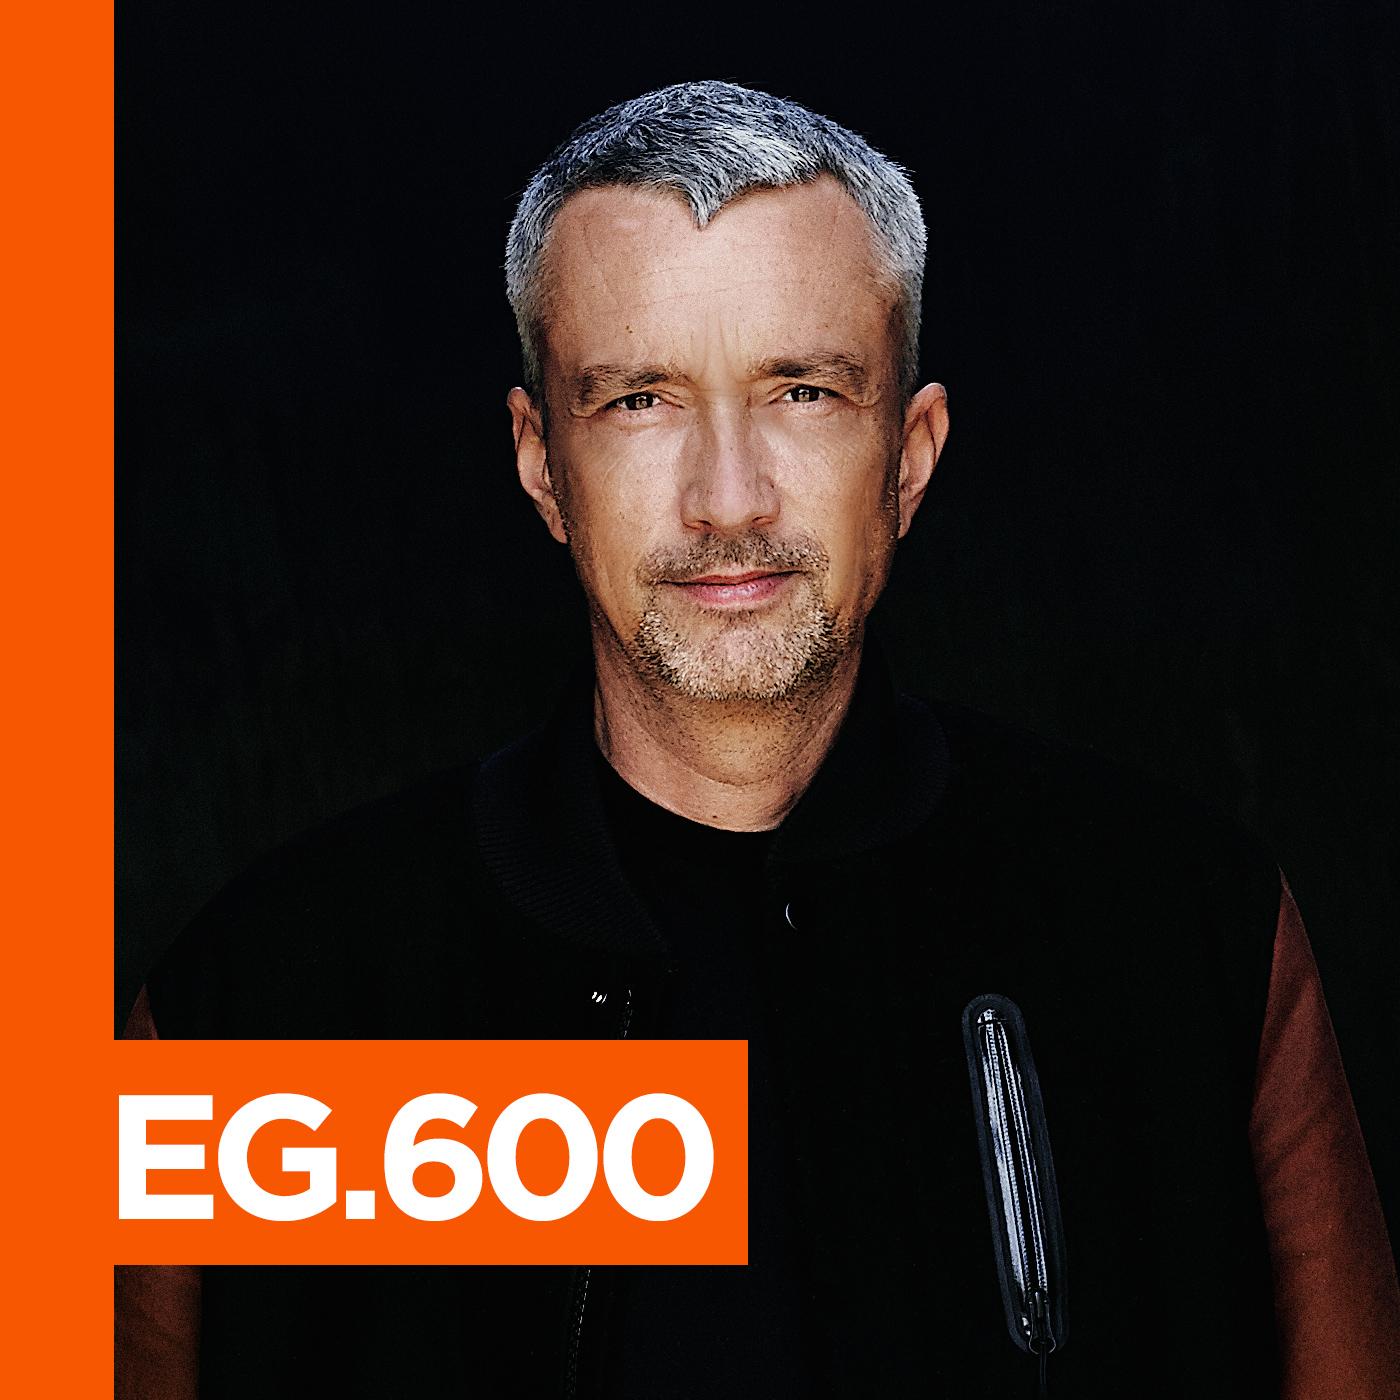 EG.600 DJ T.